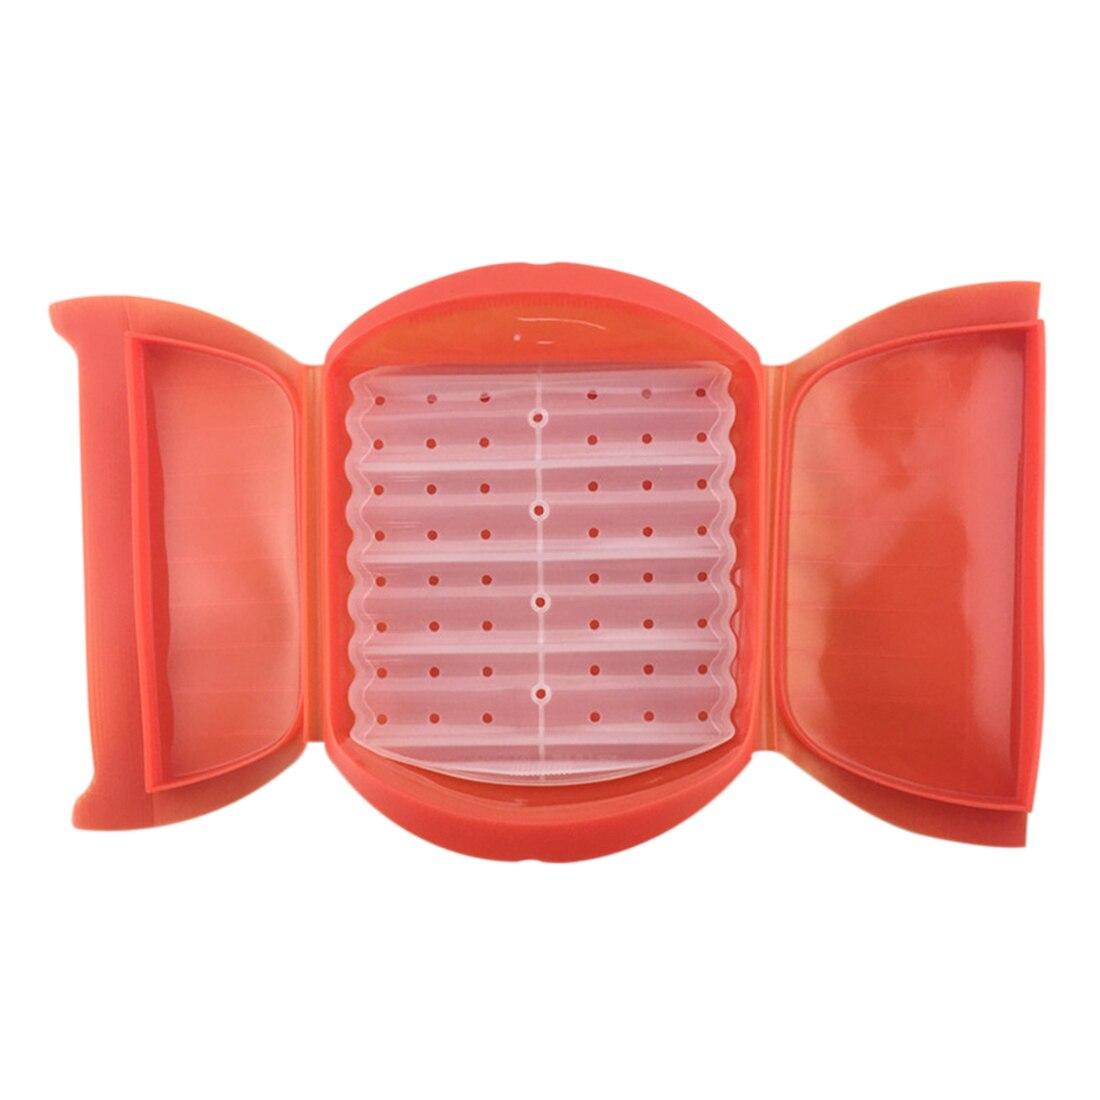 Mikrowelle Silikon Lebensmittel Lagerung Container Mit Zwischenschicht Mittagessen Dampfenden Folding Kochen Schüssel Fischgericht Box 26*20*9 cm Heißer